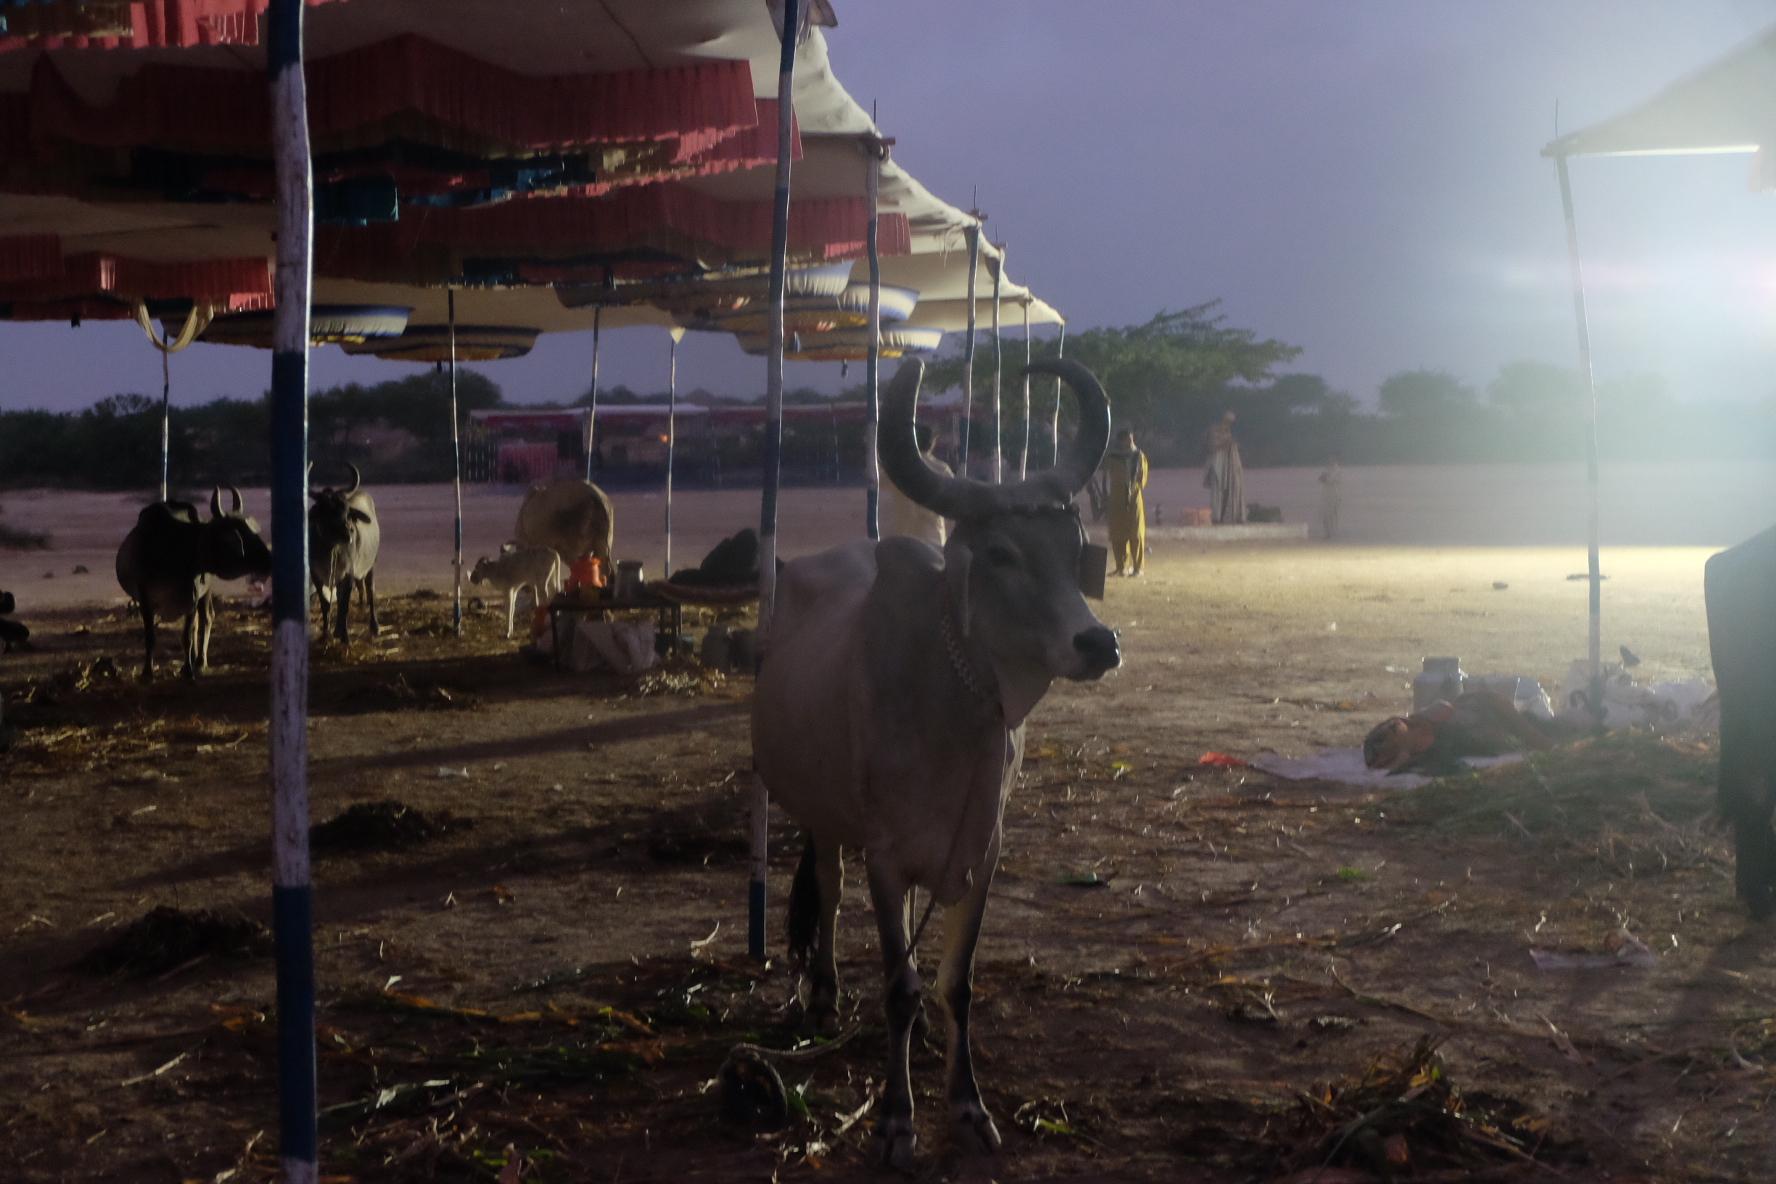 The Banni <em>pashu mela</em>. Credit: Gaurav Madan